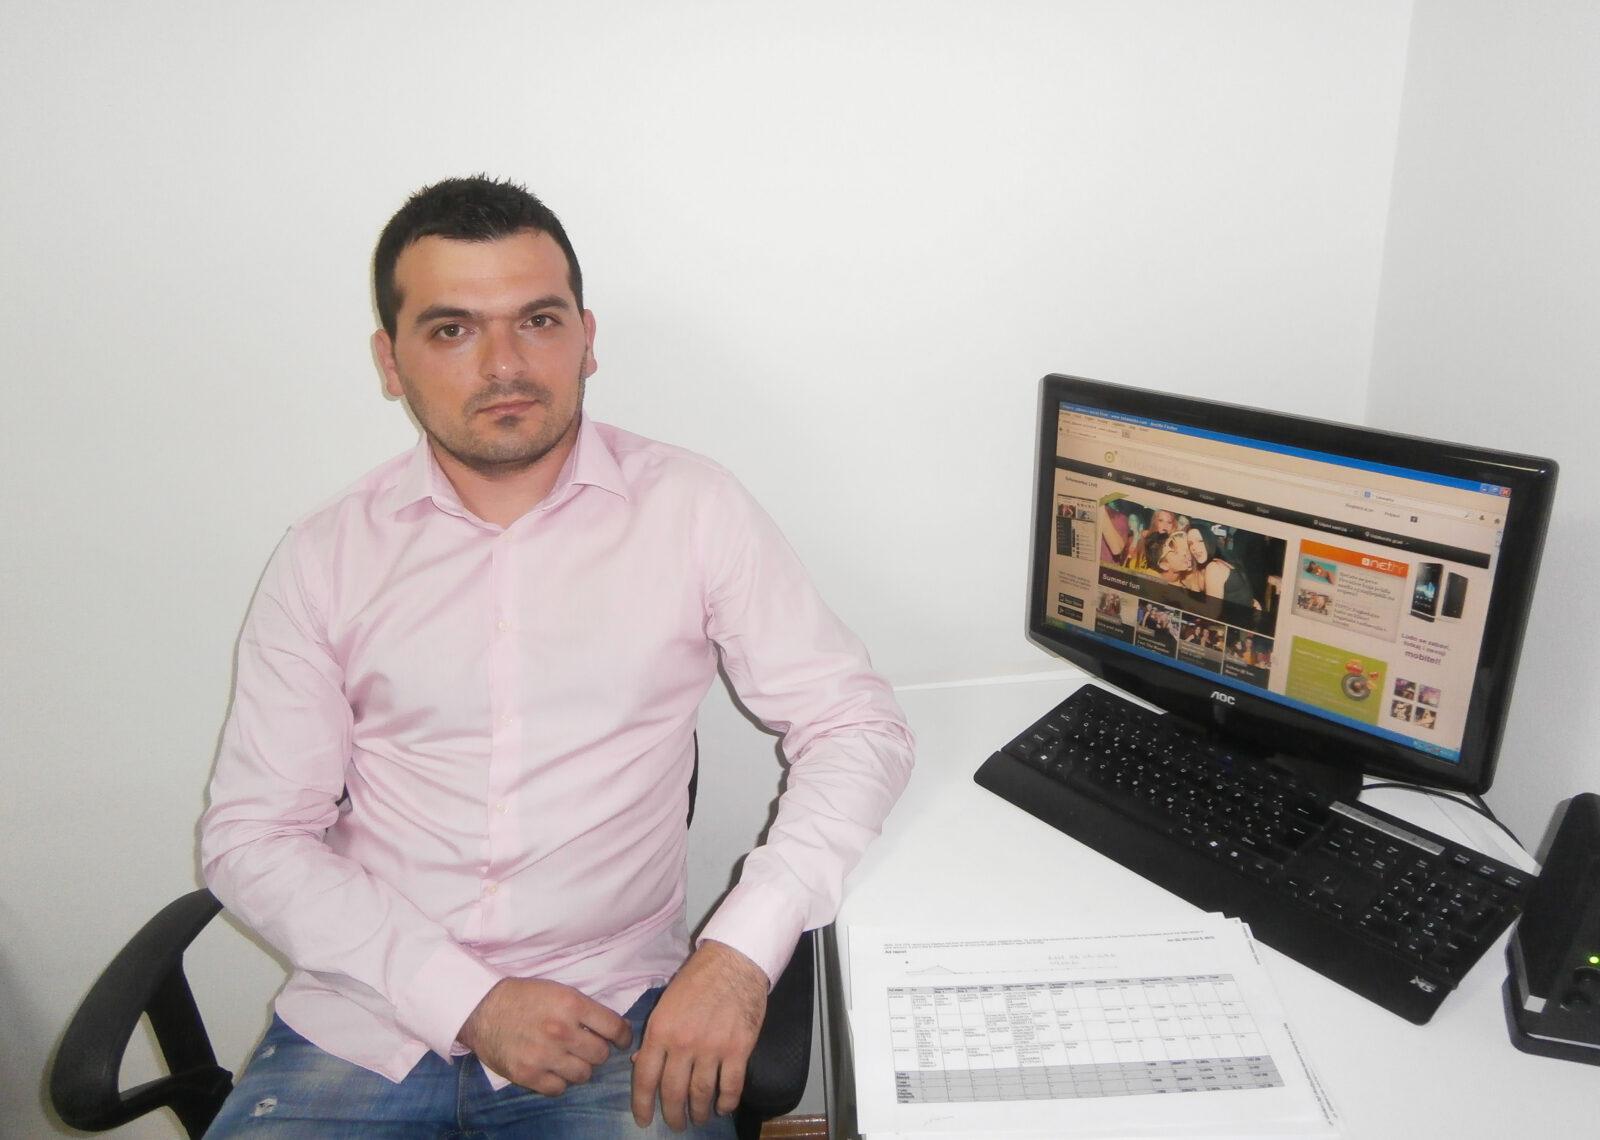 Branimir Prskalo